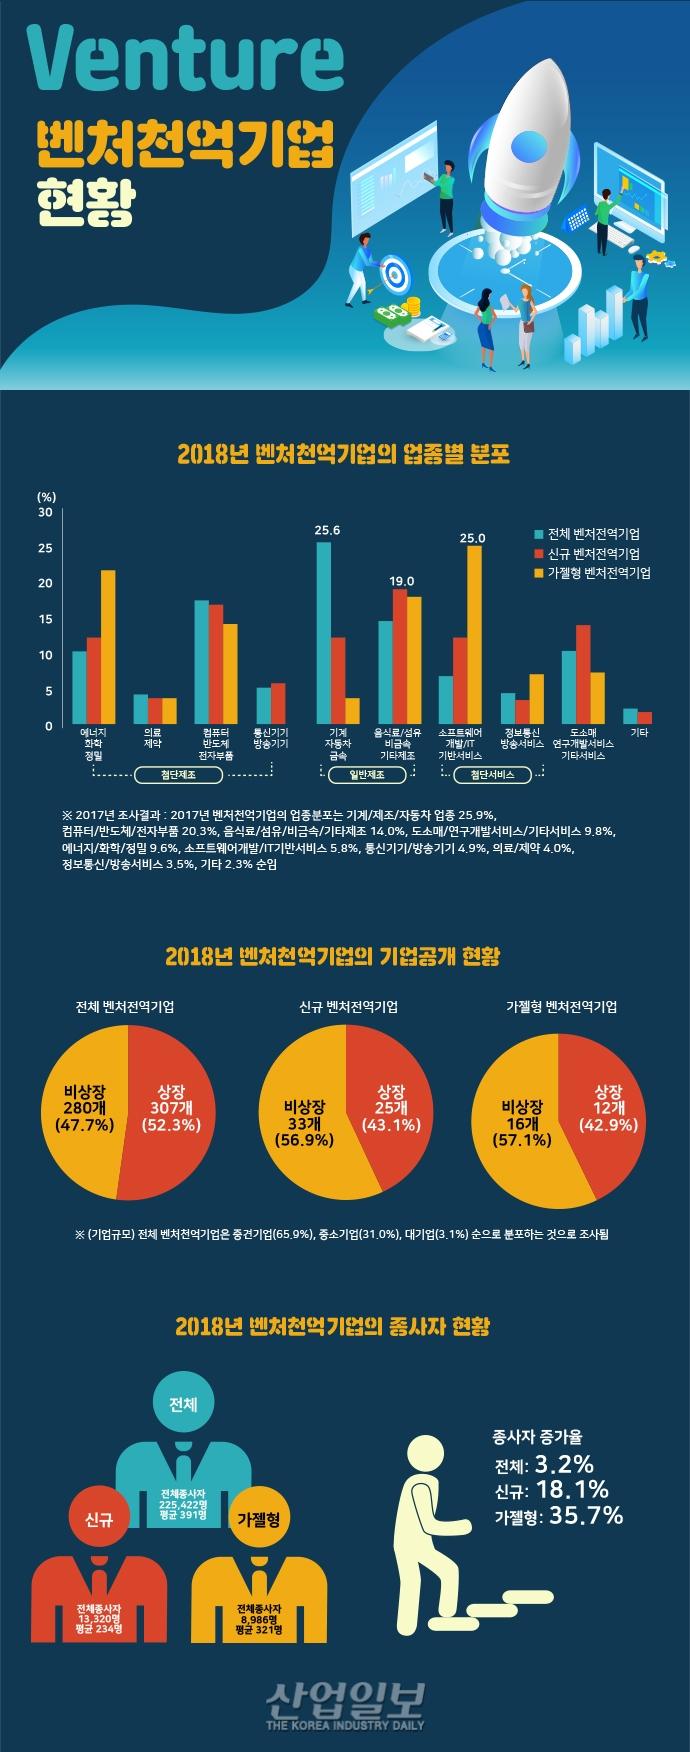 [그래픽뉴스] 벤처천억기업, 기계·자동차·금속 업종 비중 높아